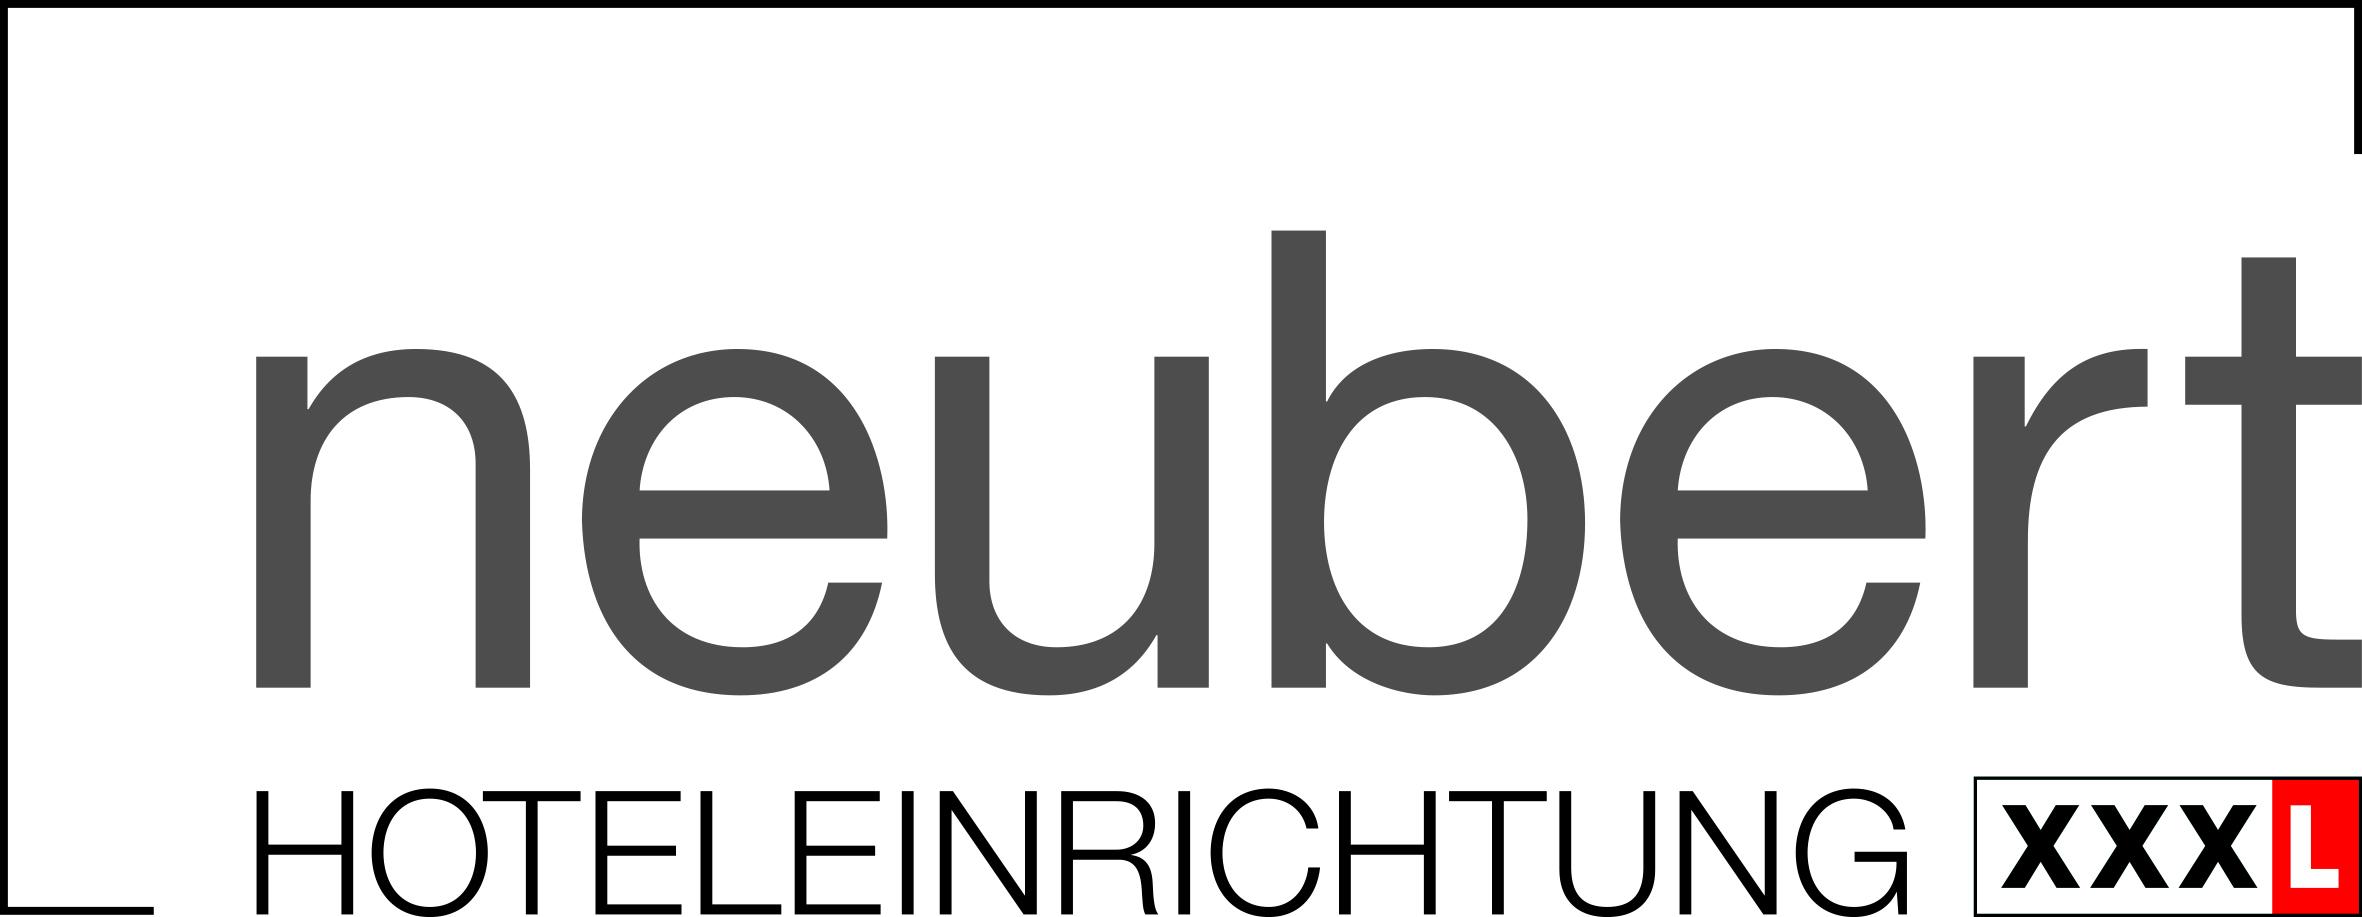 Xxxl Neubert Hoteleinrichtung In 97084 Würzburg